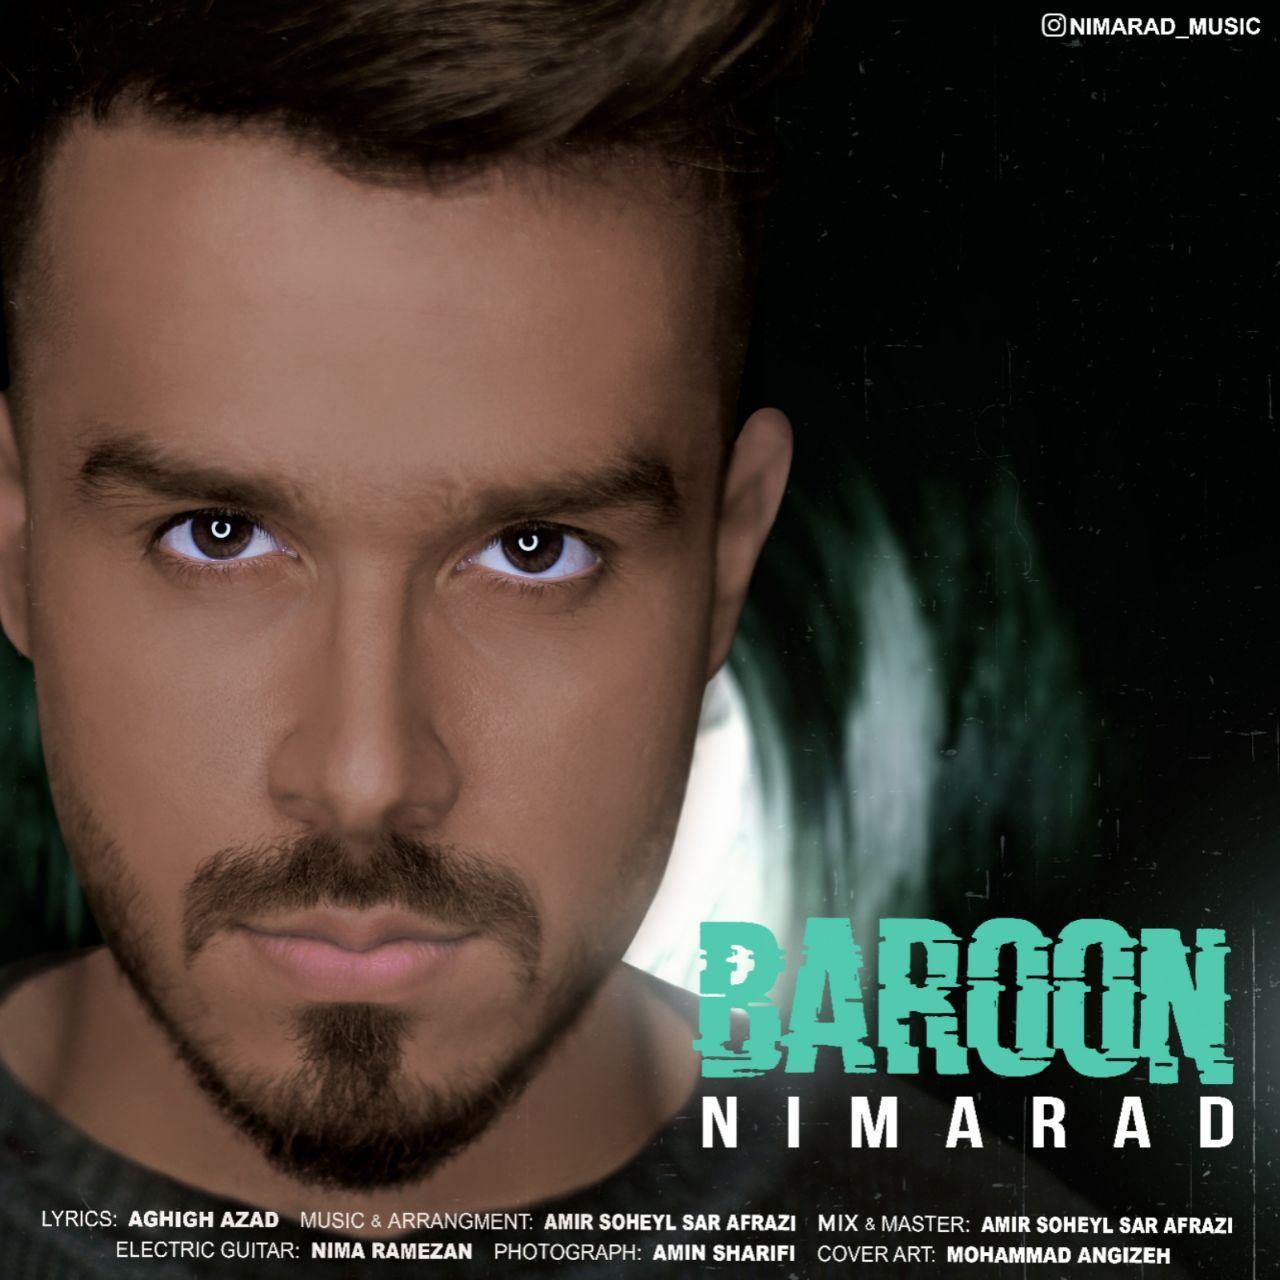 Nimarad – Baroon